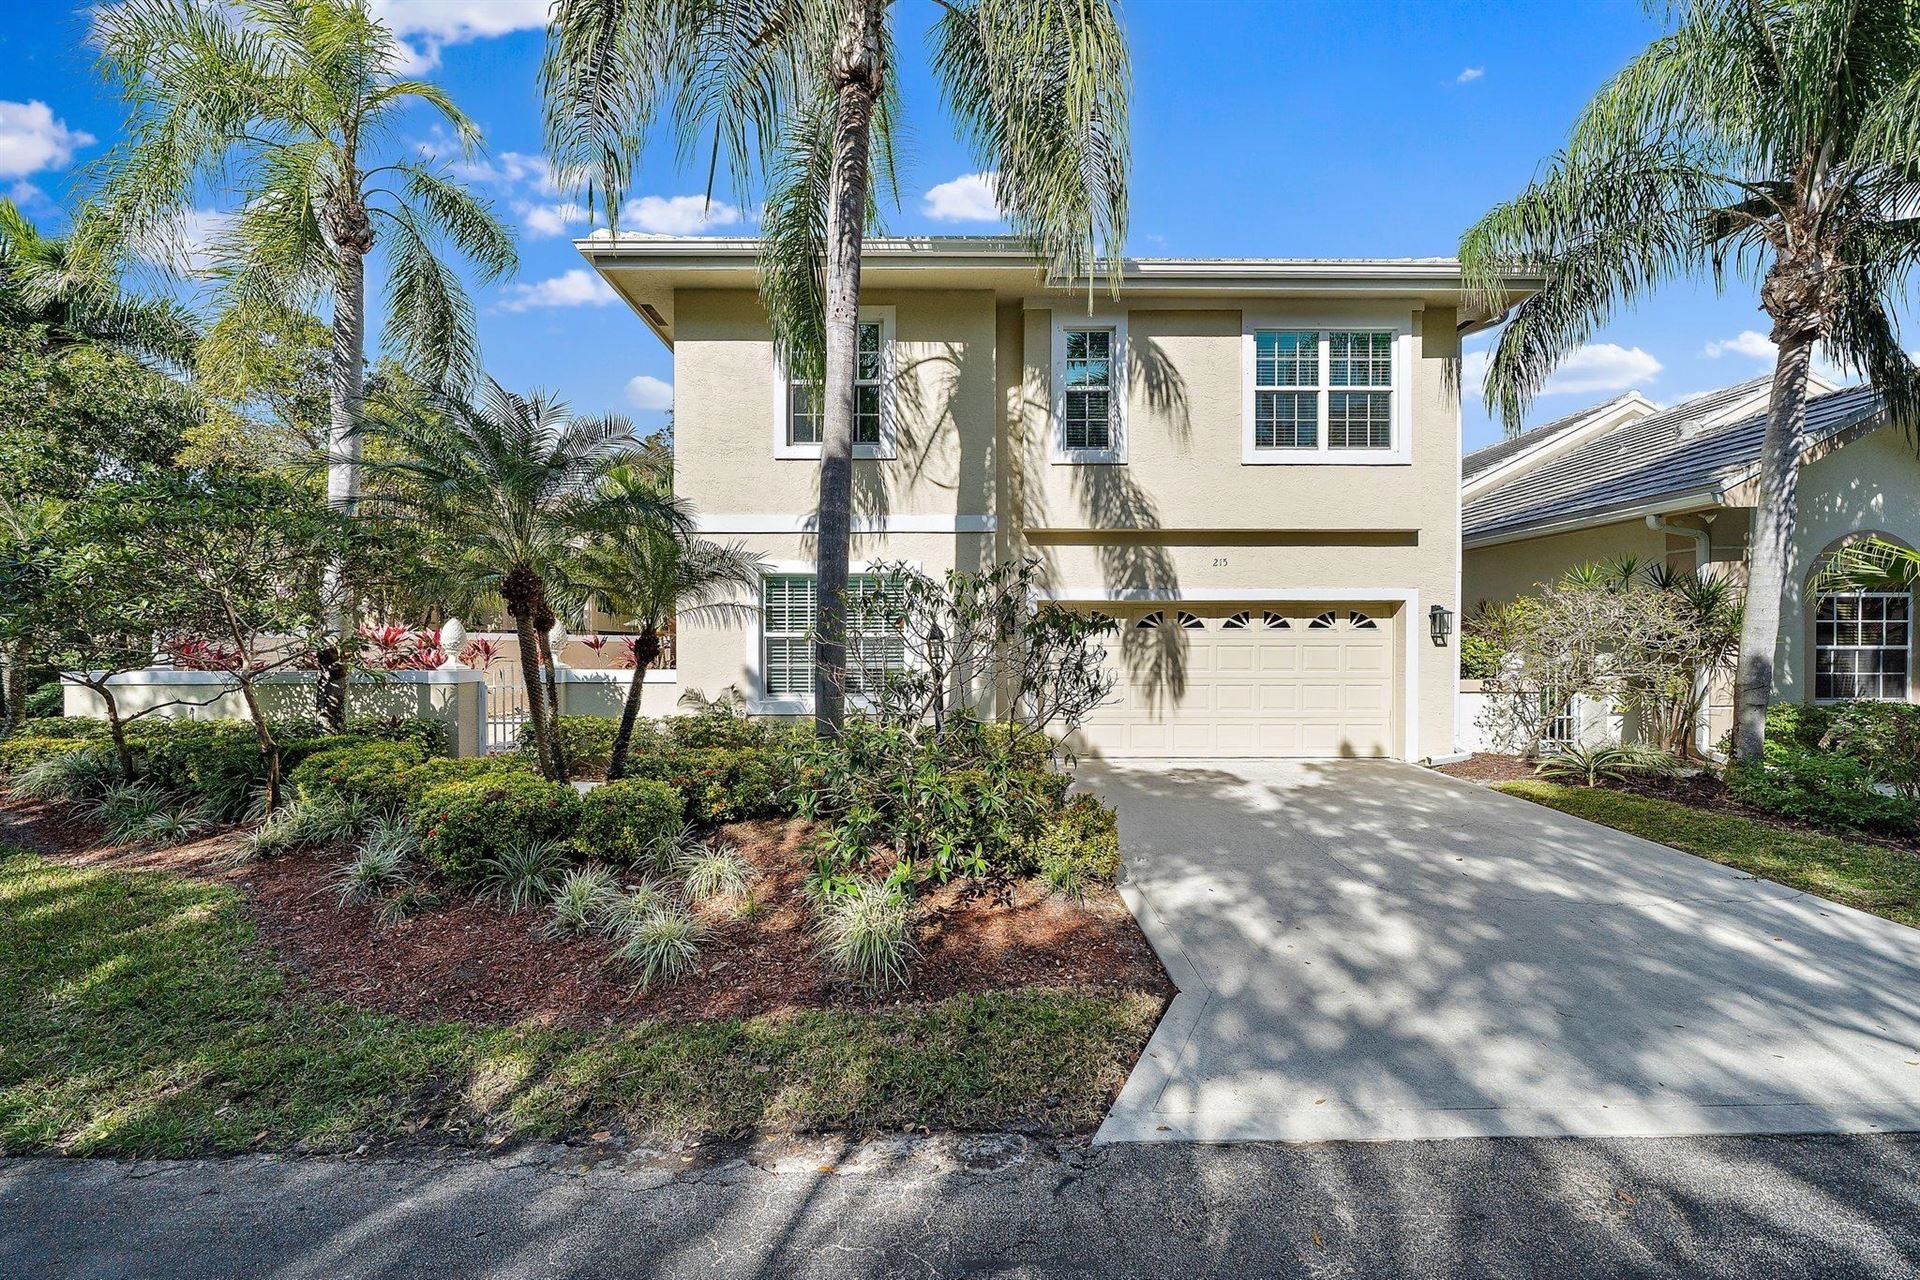 Photo of 215 Canterbury Drive E, Palm Beach Gardens, FL 33418 (MLS # RX-10686134)